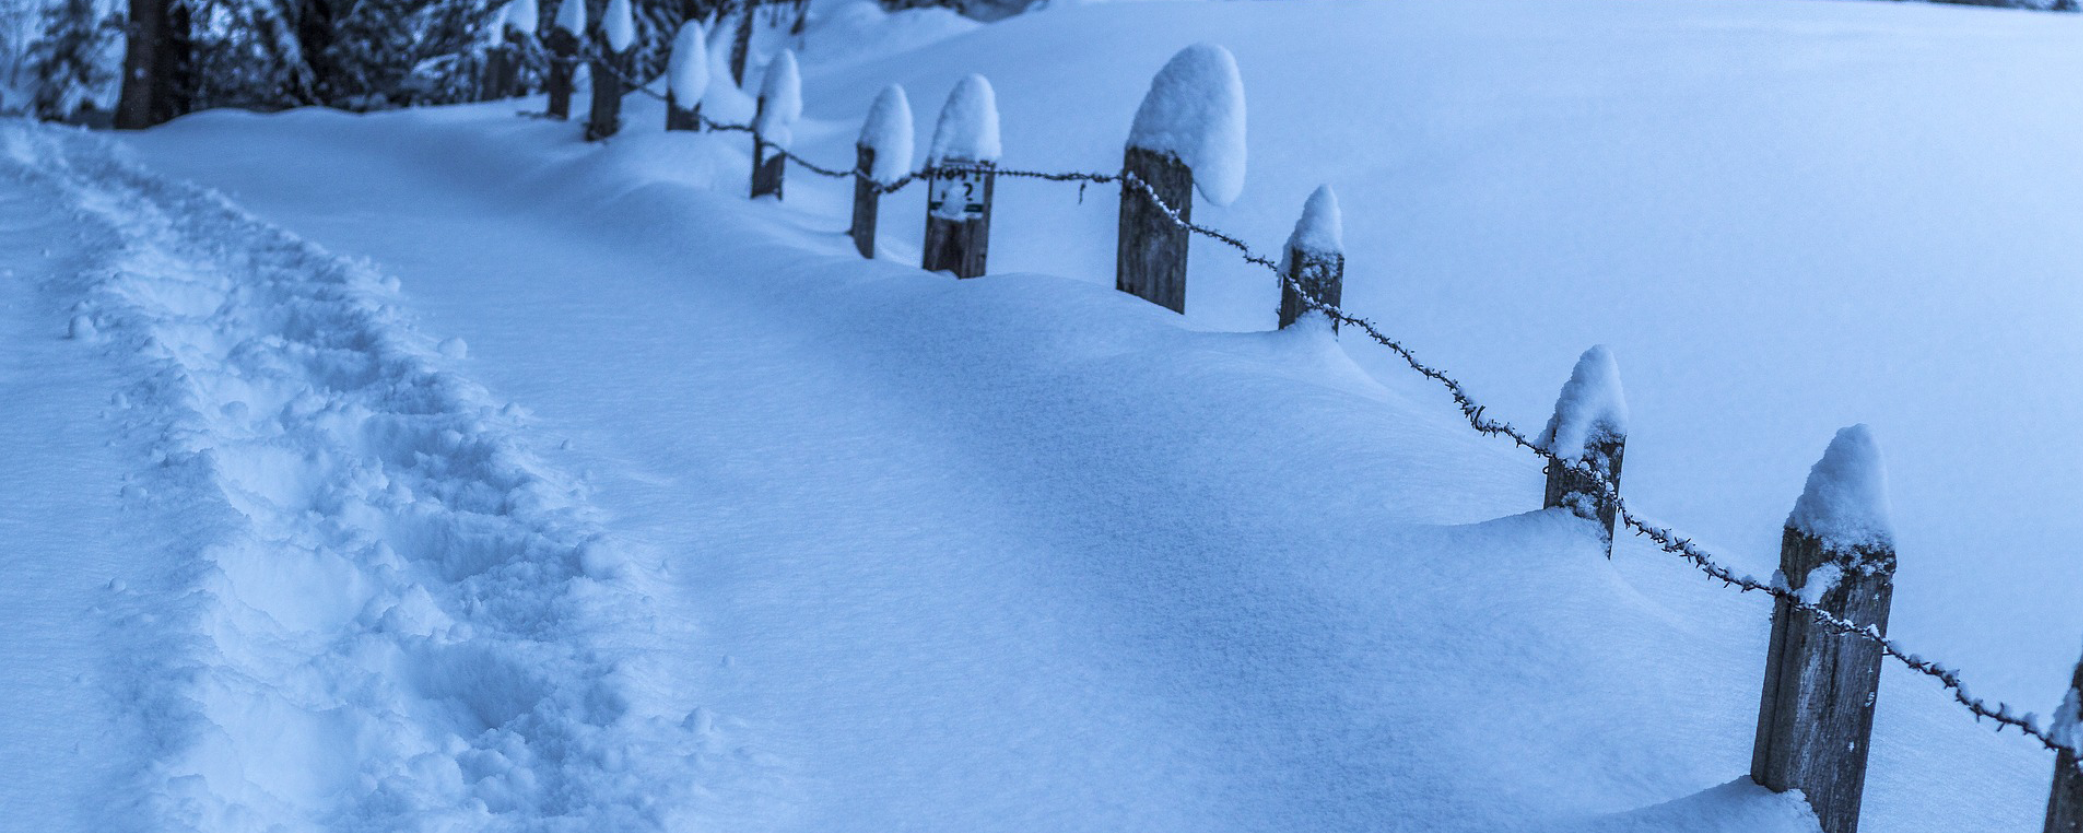 Snow Summit Wide